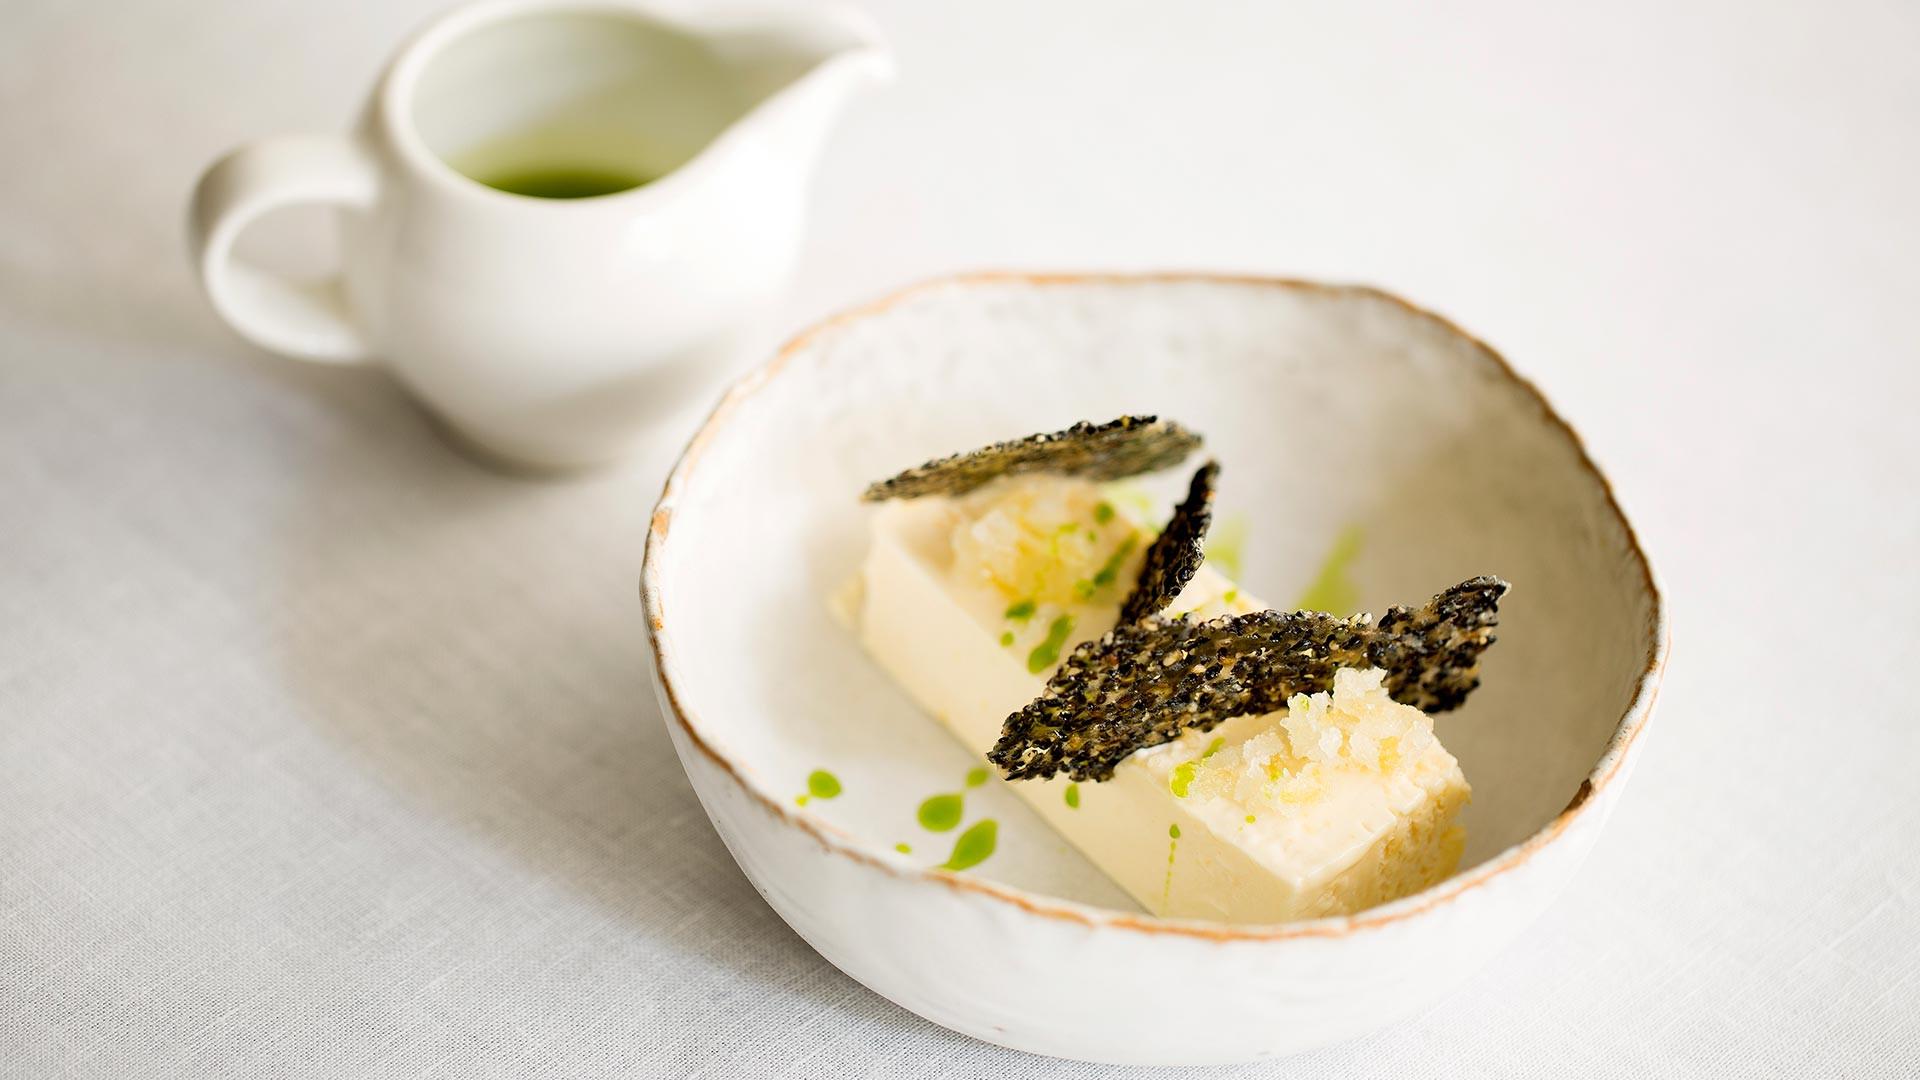 Amalfi lemon semifreddo, black sesame, limoncello and cucumber from Michelin-starred Murano